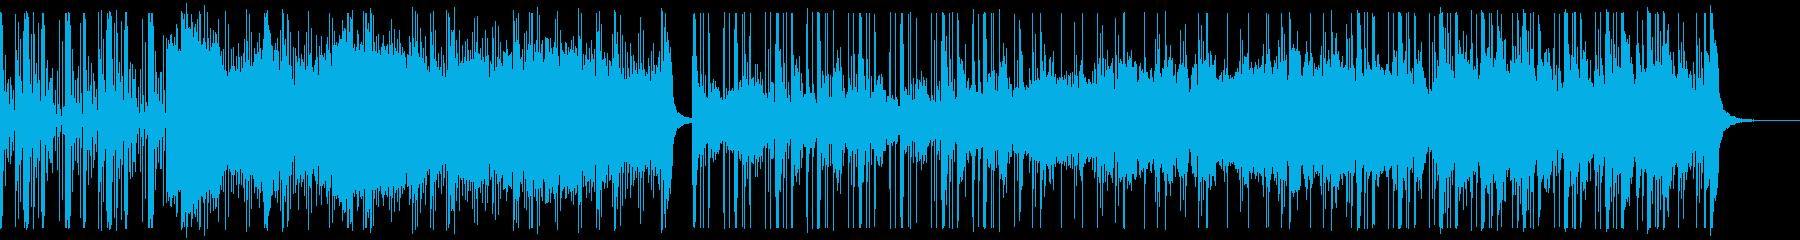 アジア 民族楽器 ヨガの再生済みの波形